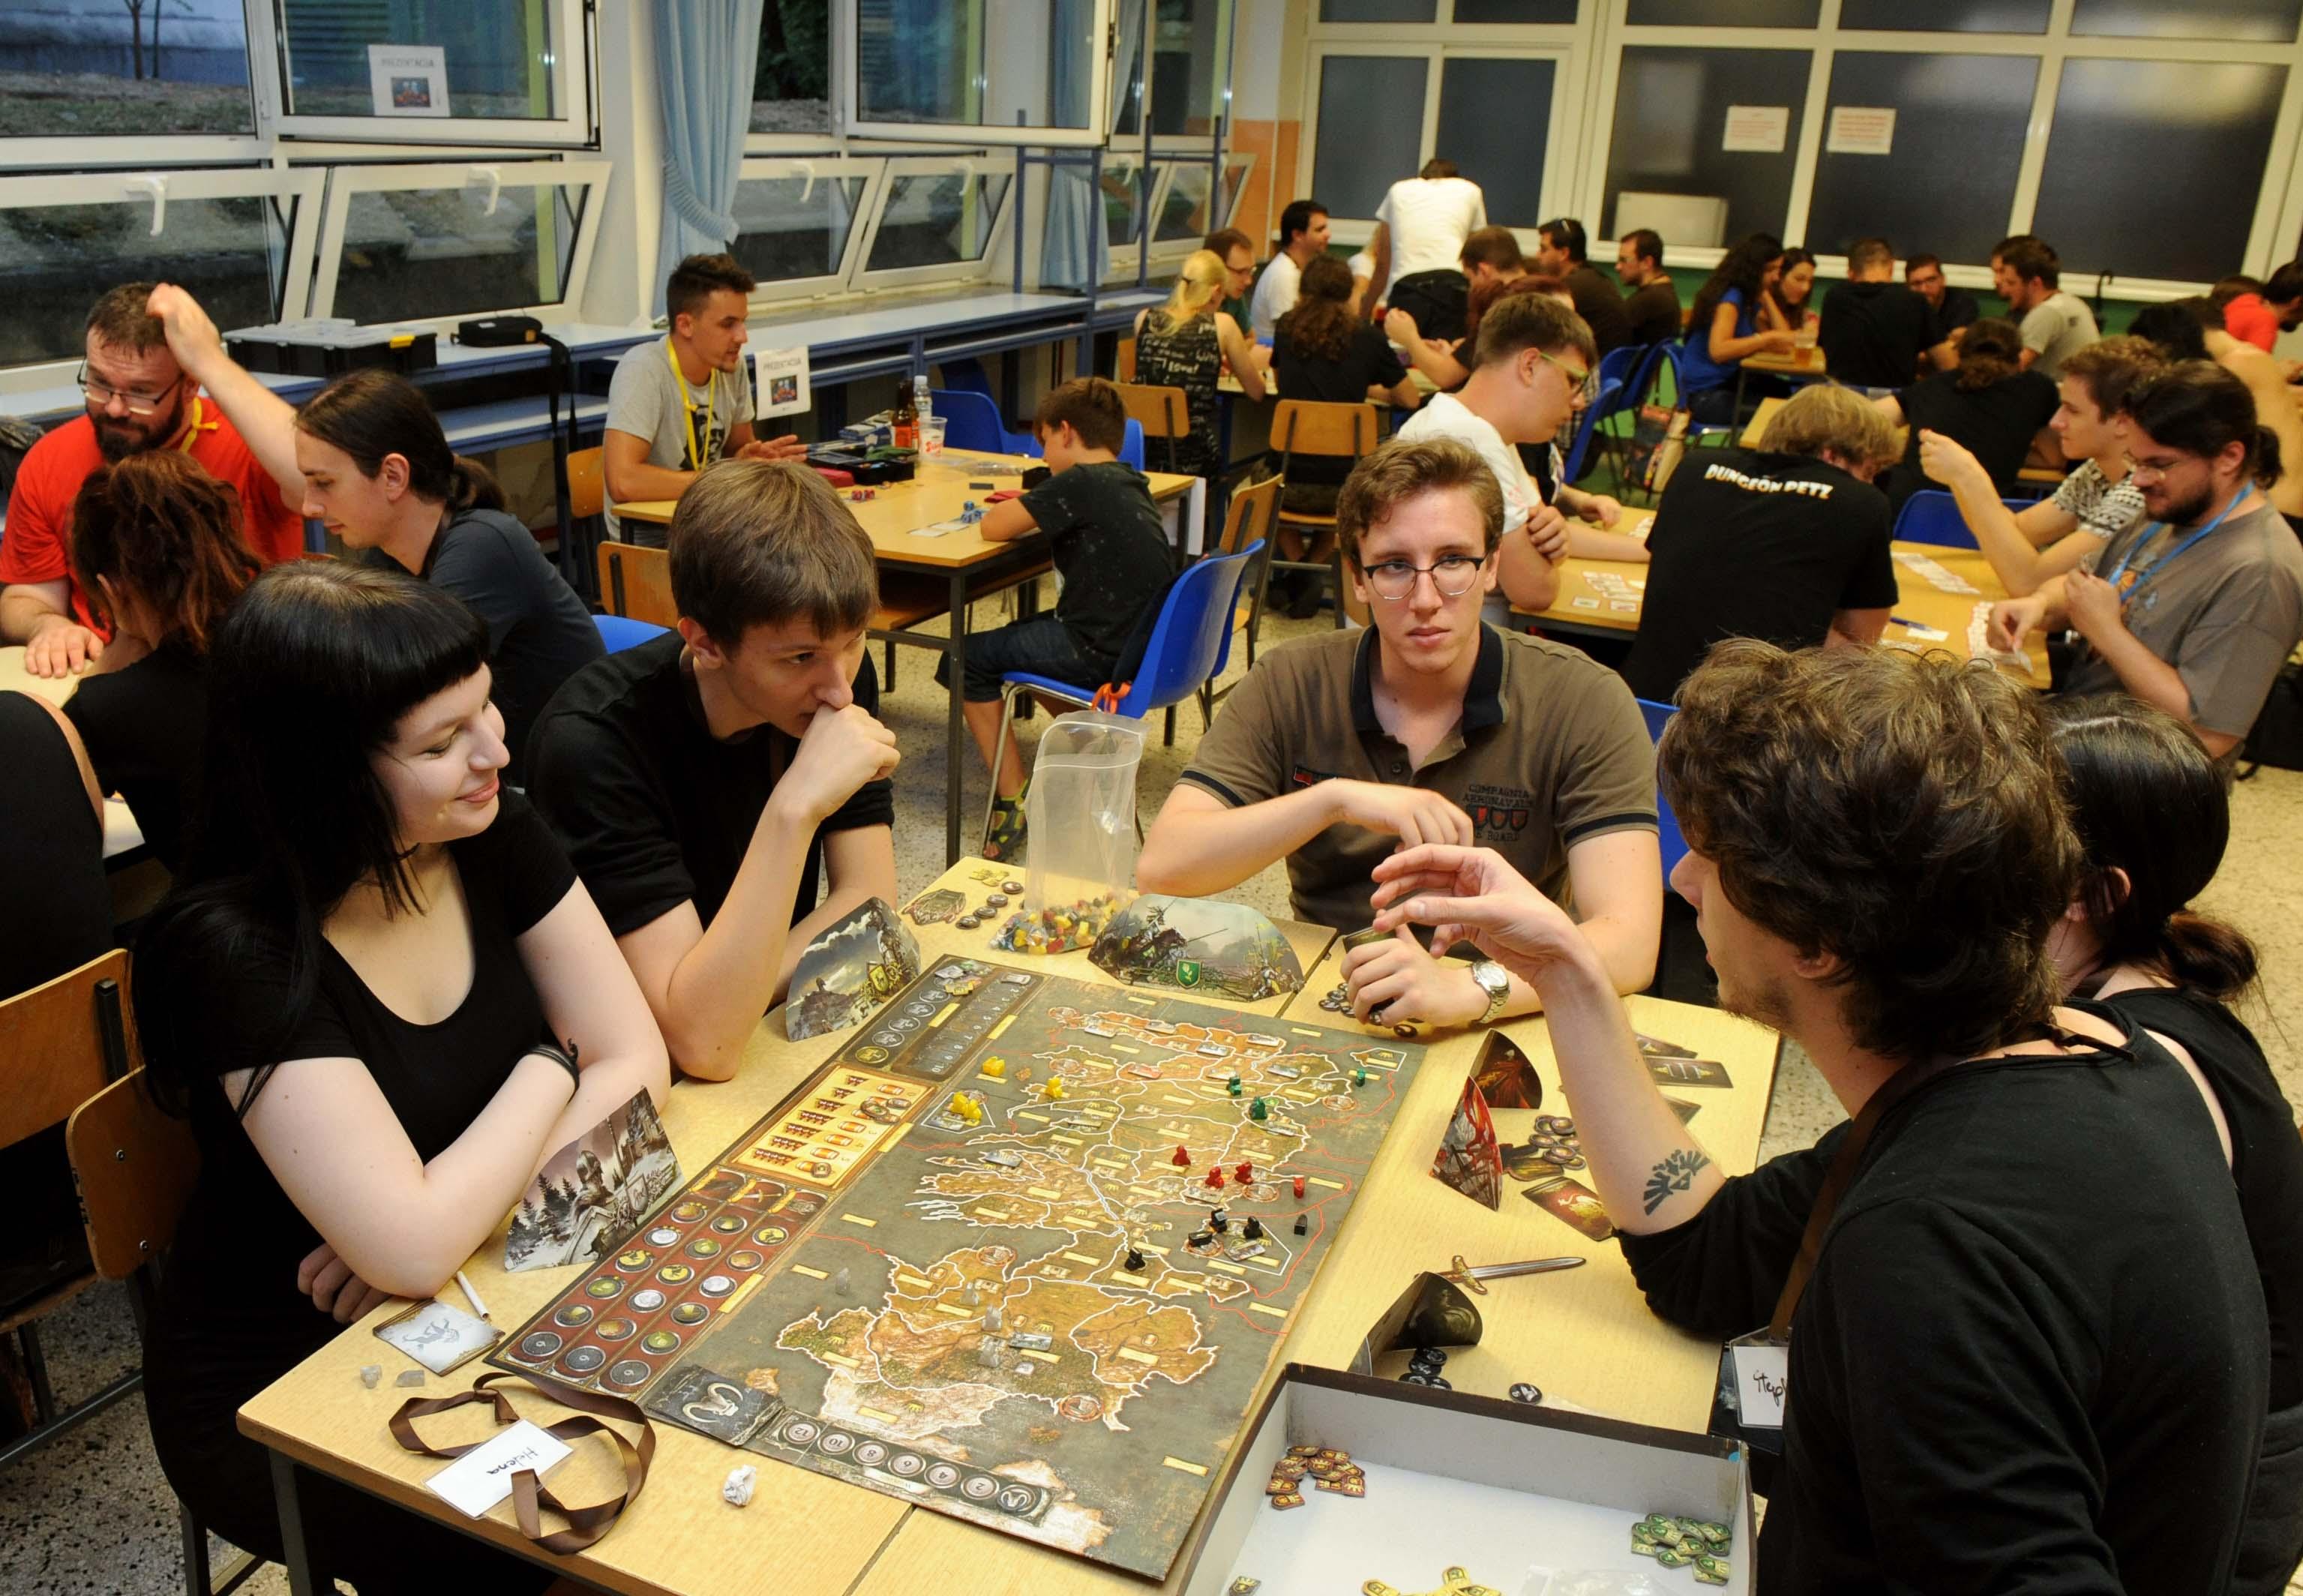 Društvene igre pobudile su veliku pažnju posjetitelja / Foto Marko GRACIN